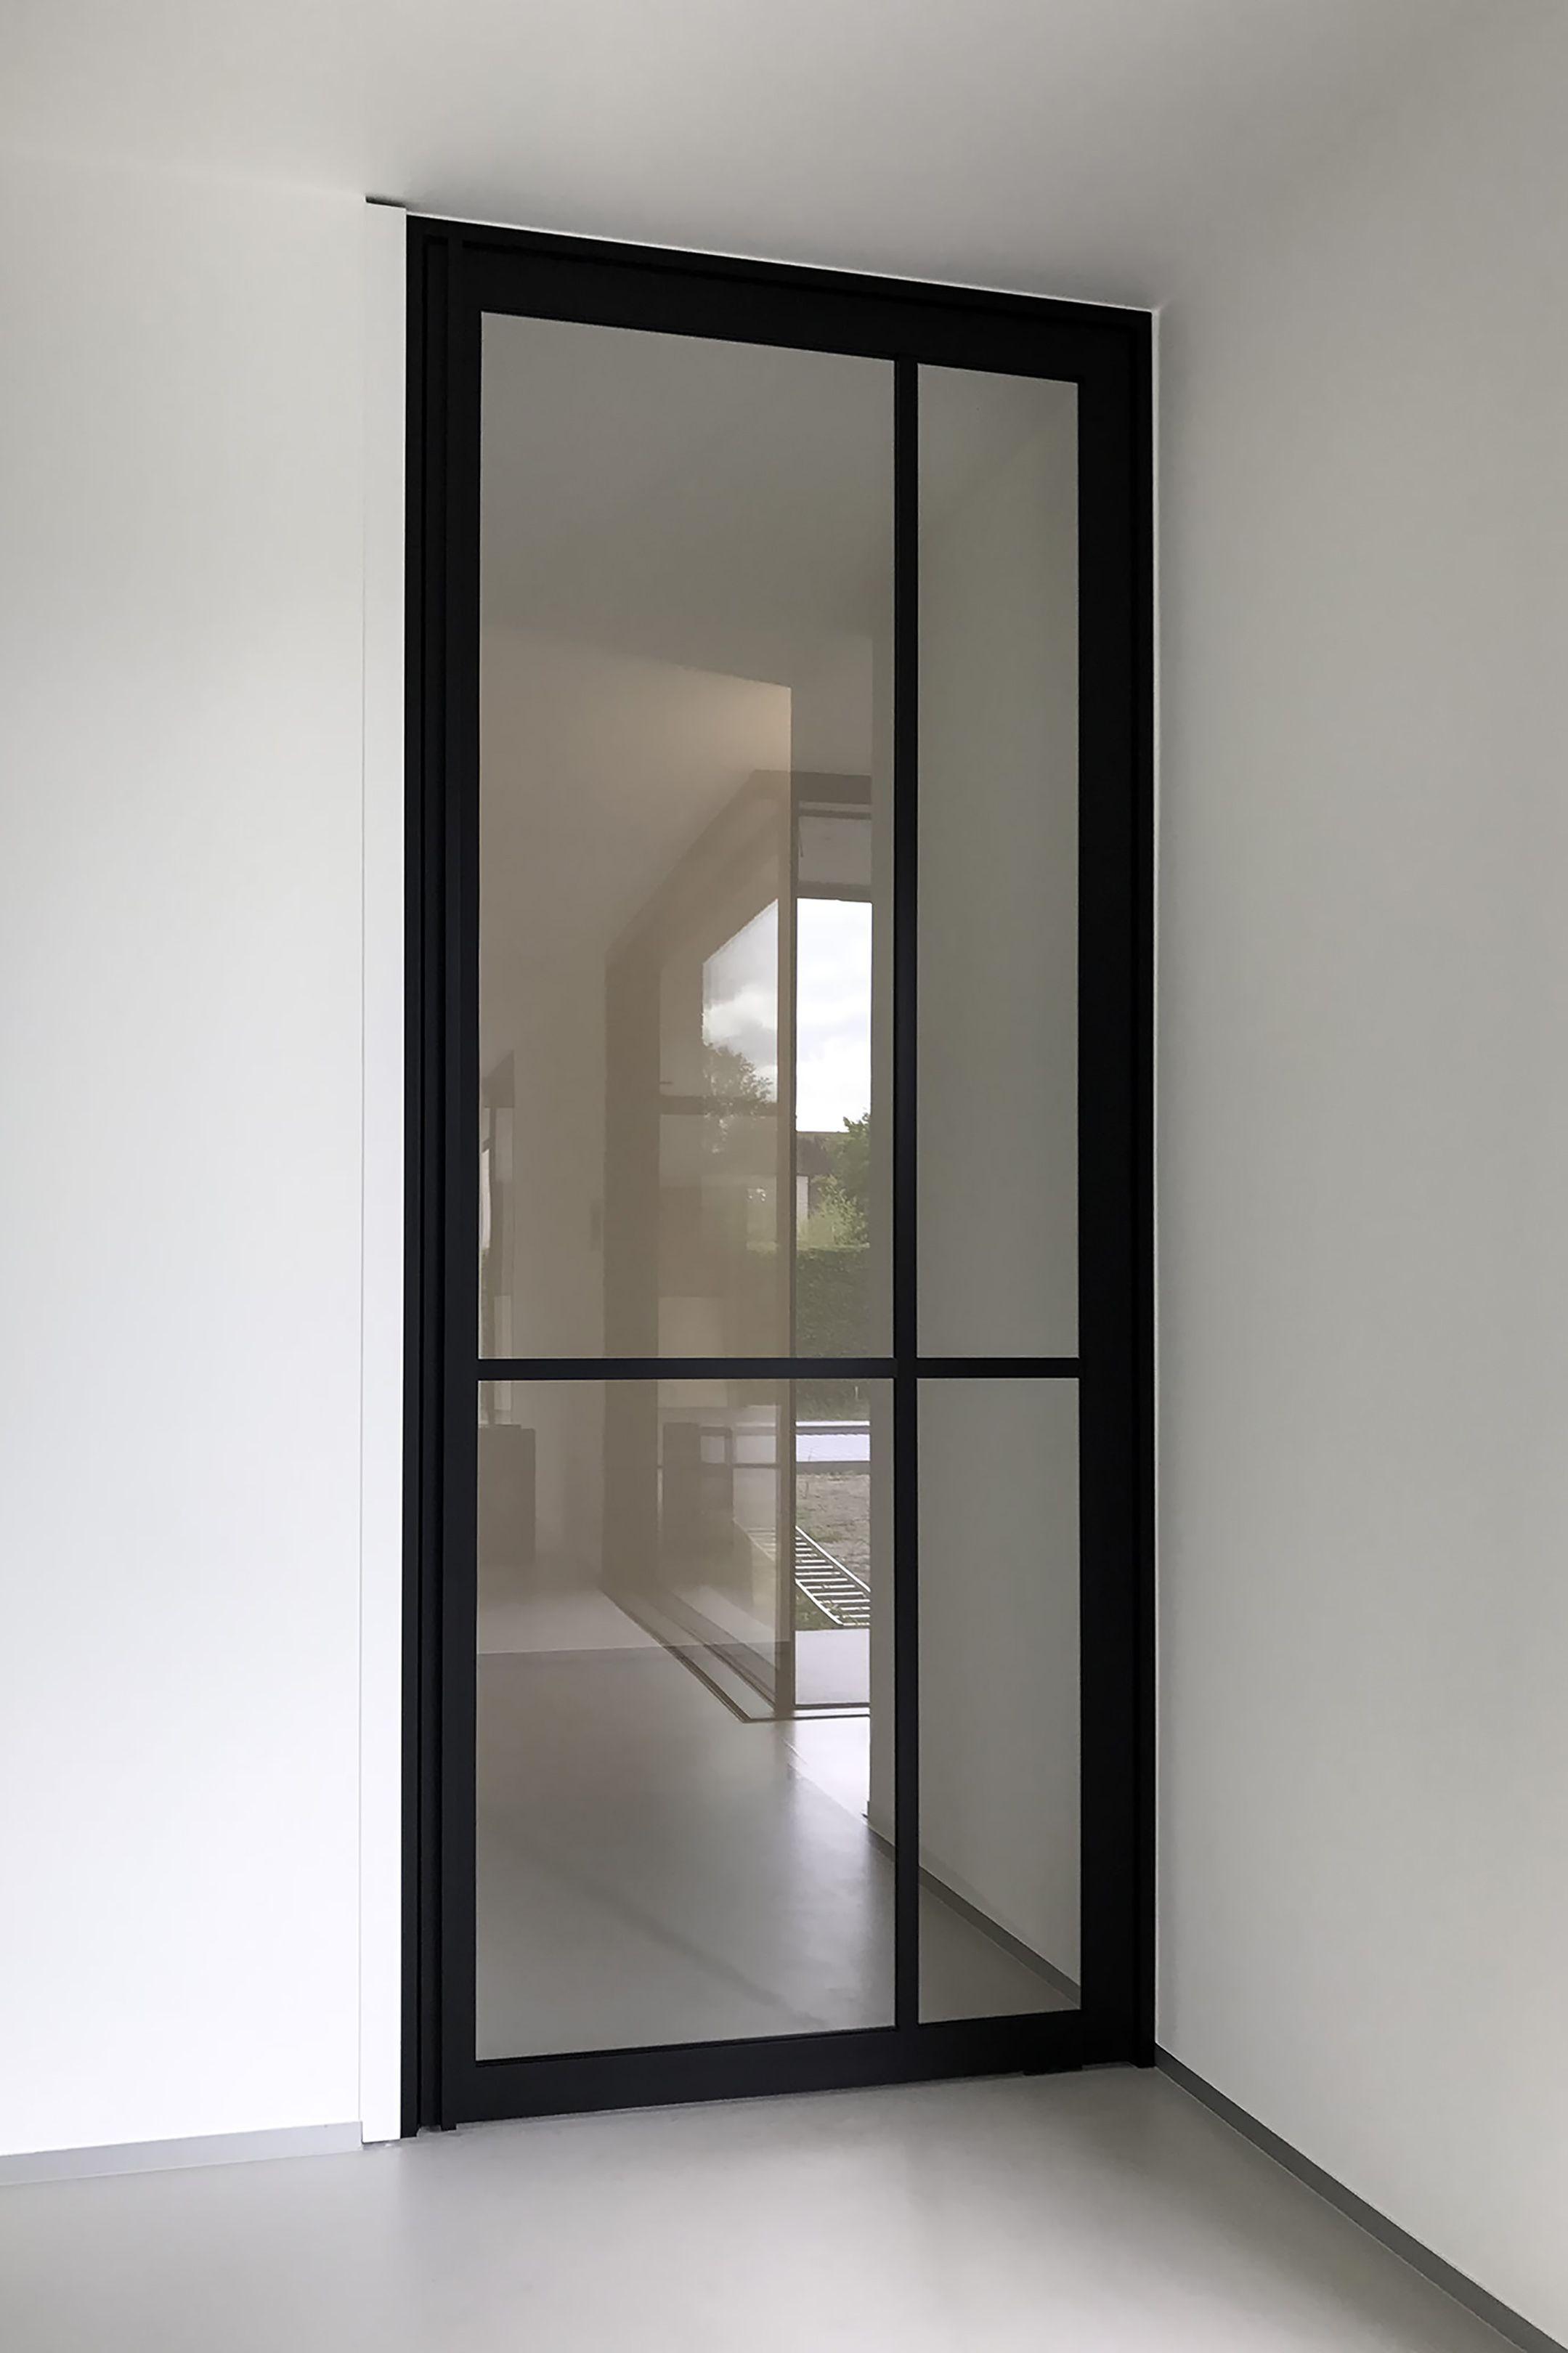 Portes Coulissantes Vitrées Intérieures porte vitrée sur pivot style atelier moderne #anywaydoors